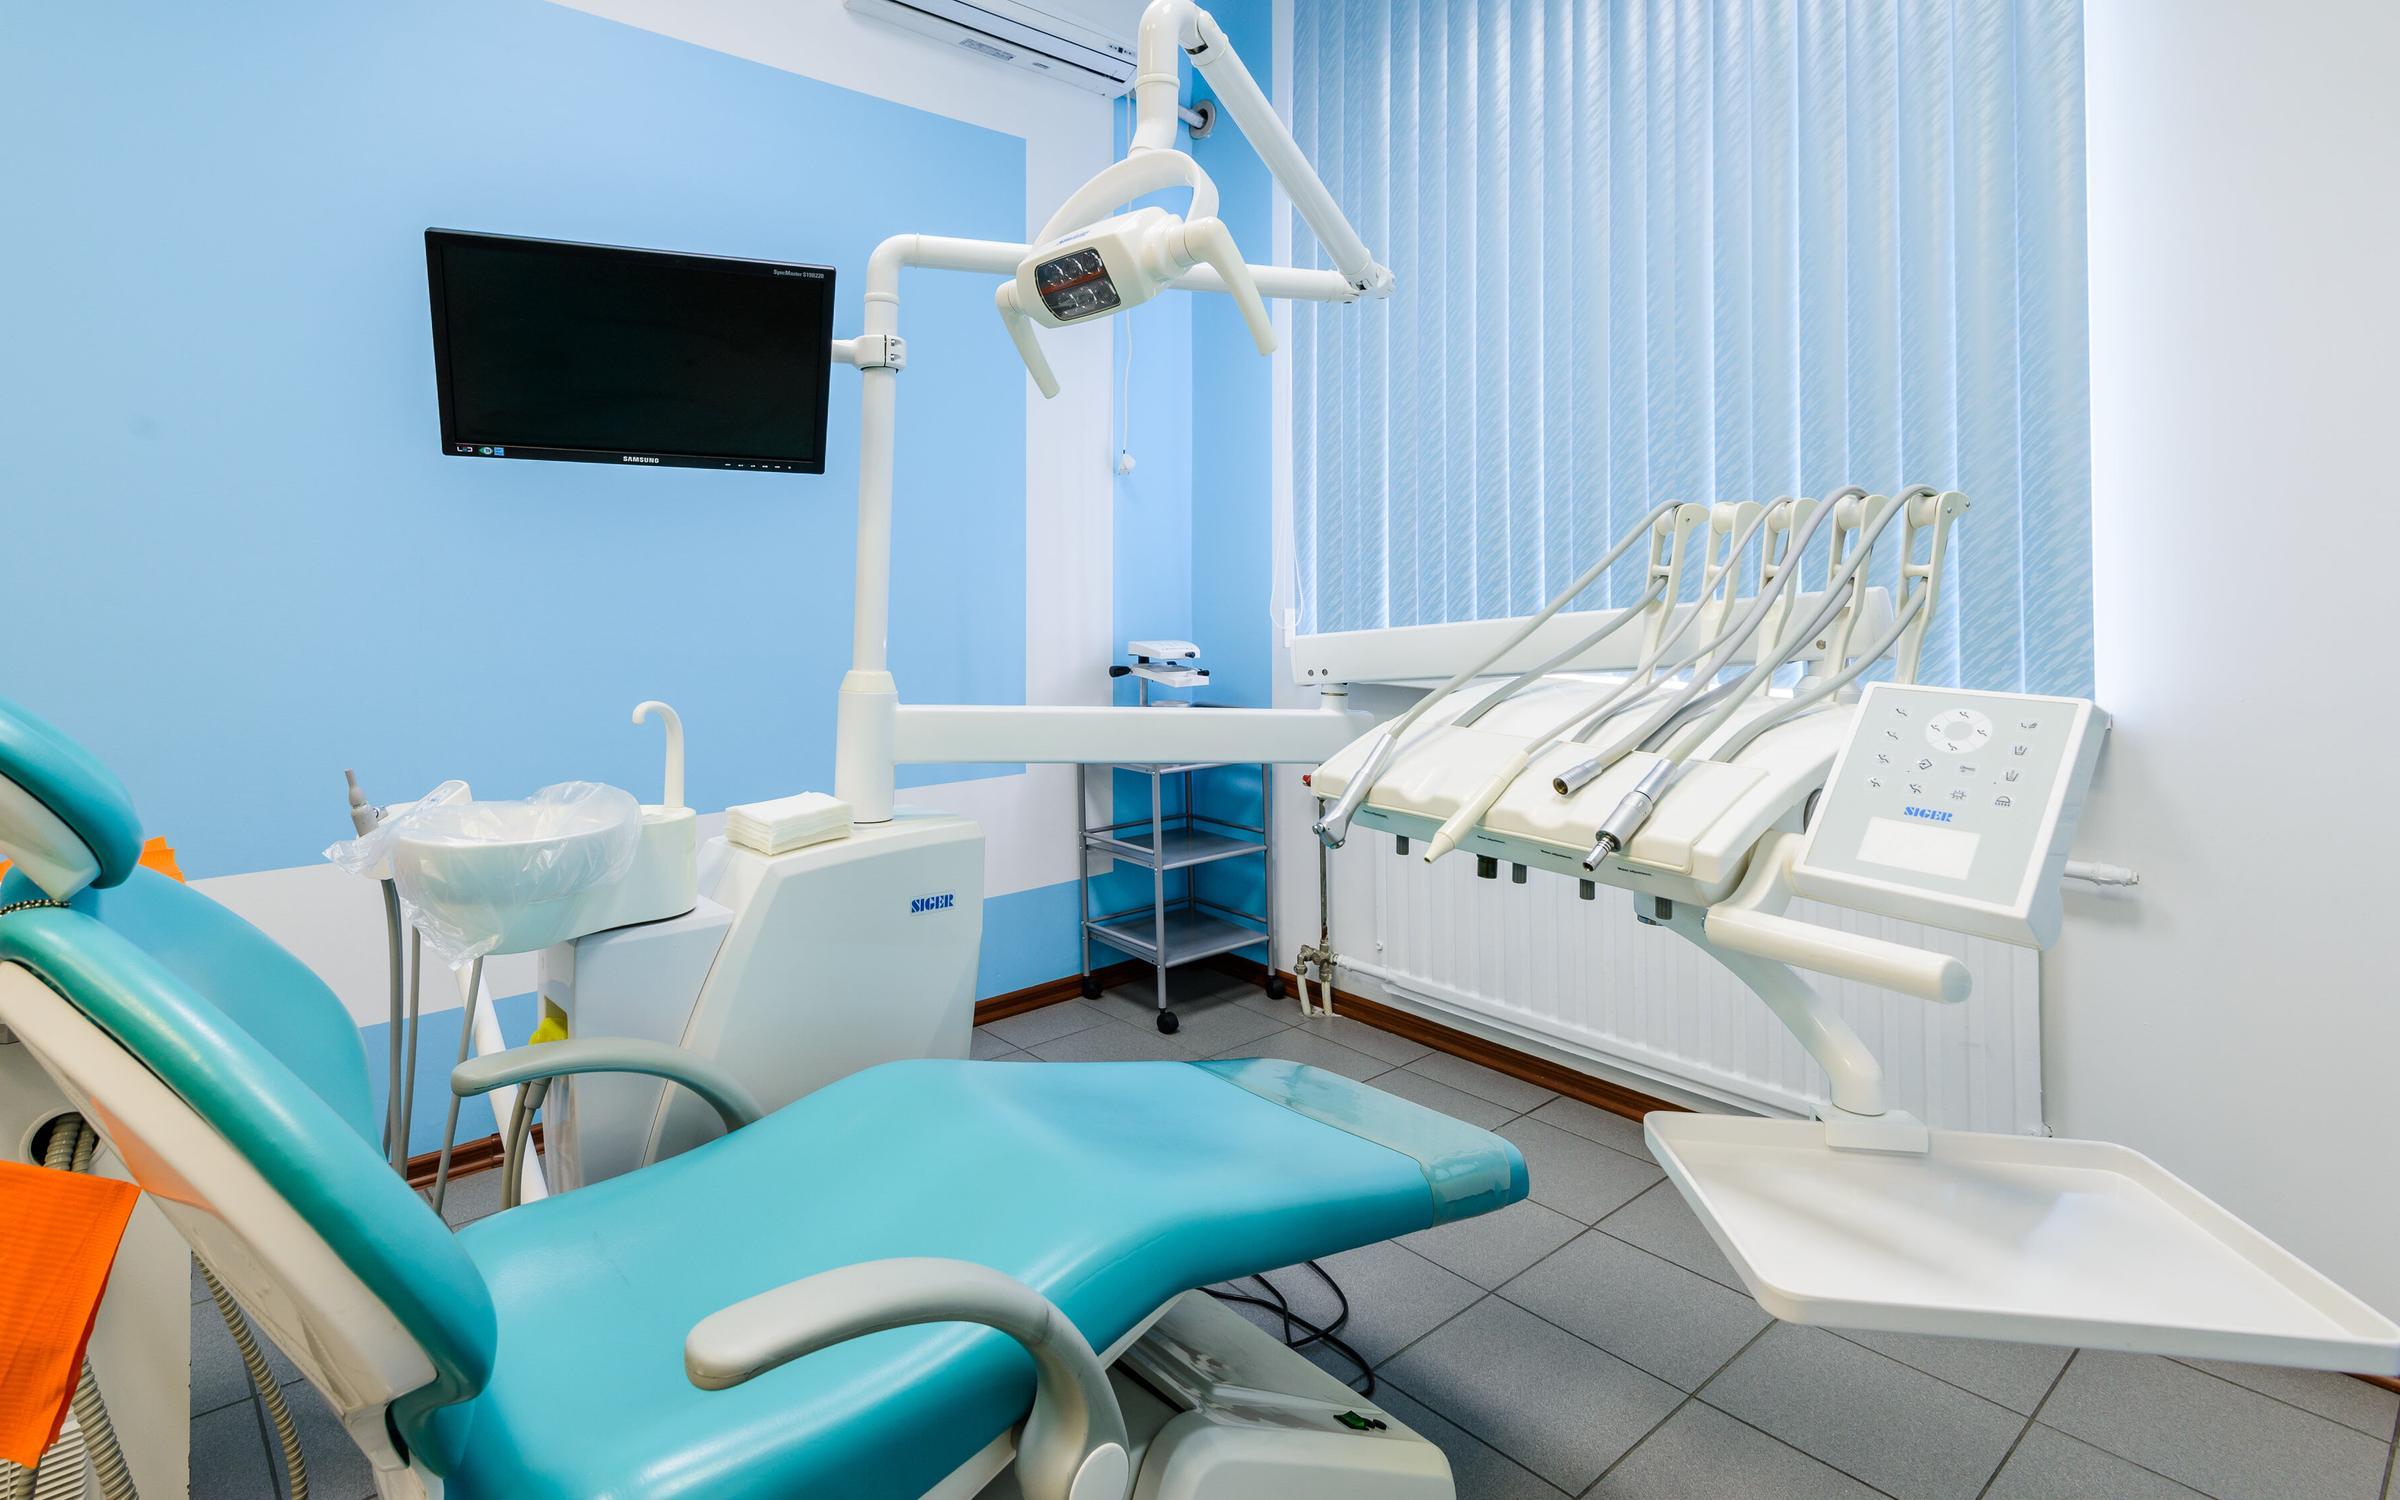 фотография Стоматологической клиники ПримаСтом на метро Звёздная